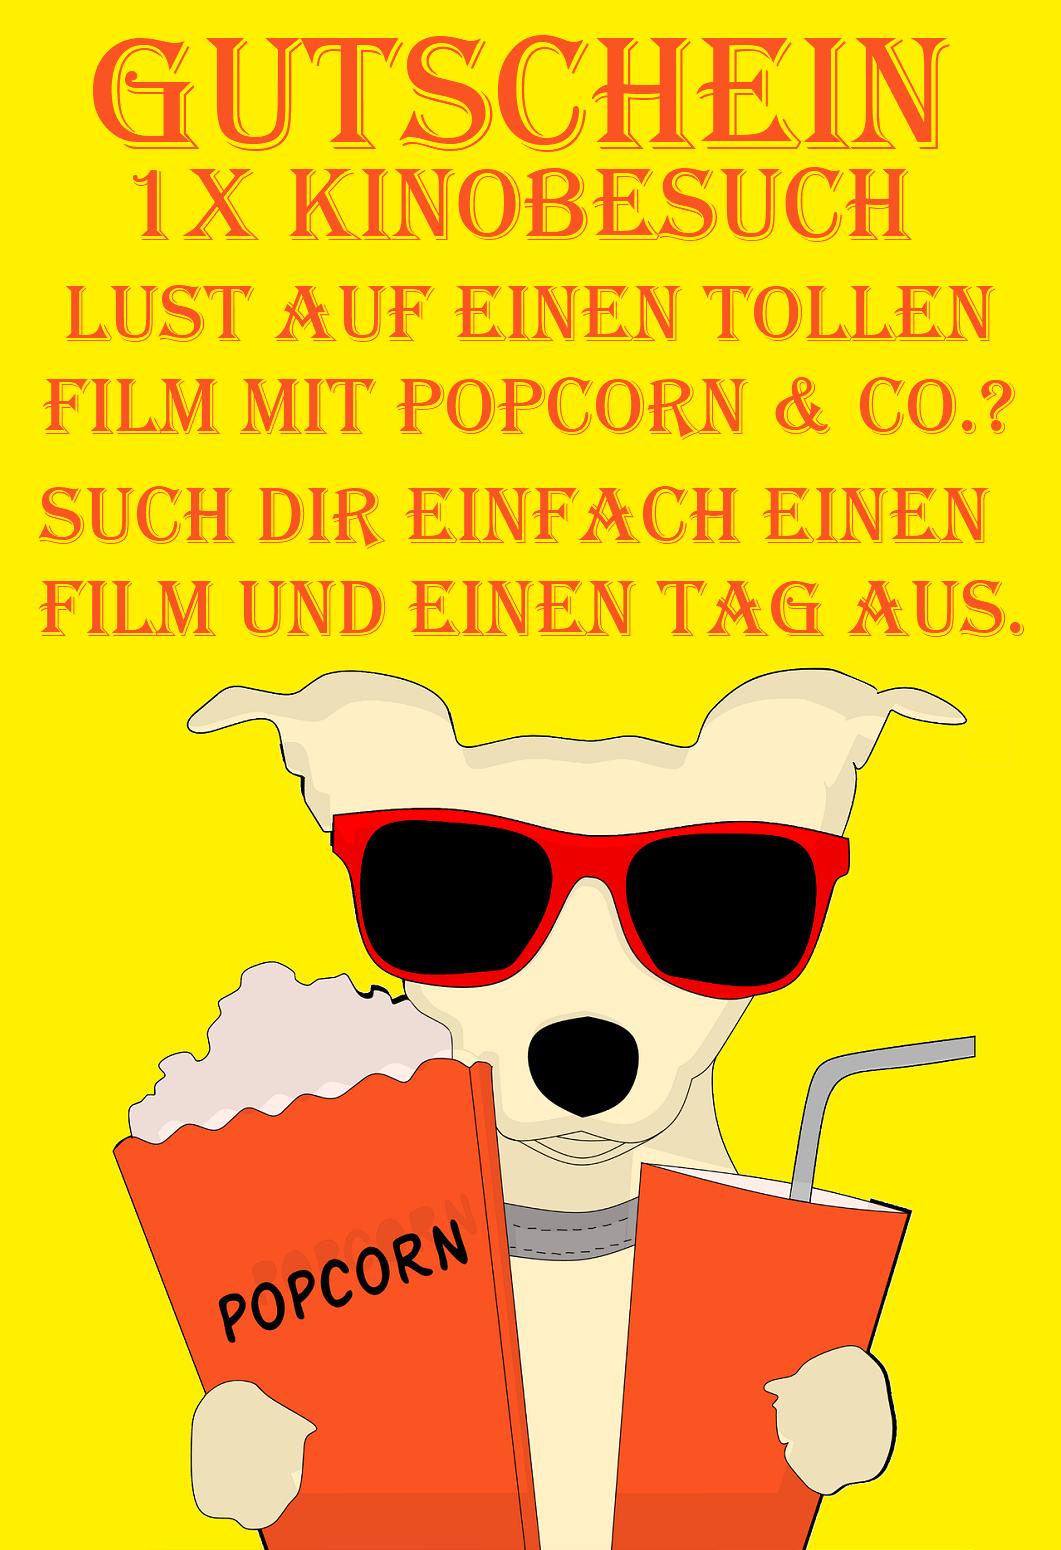 Kinobesuch - Gutscheinvorlagen downloaden & verschenken